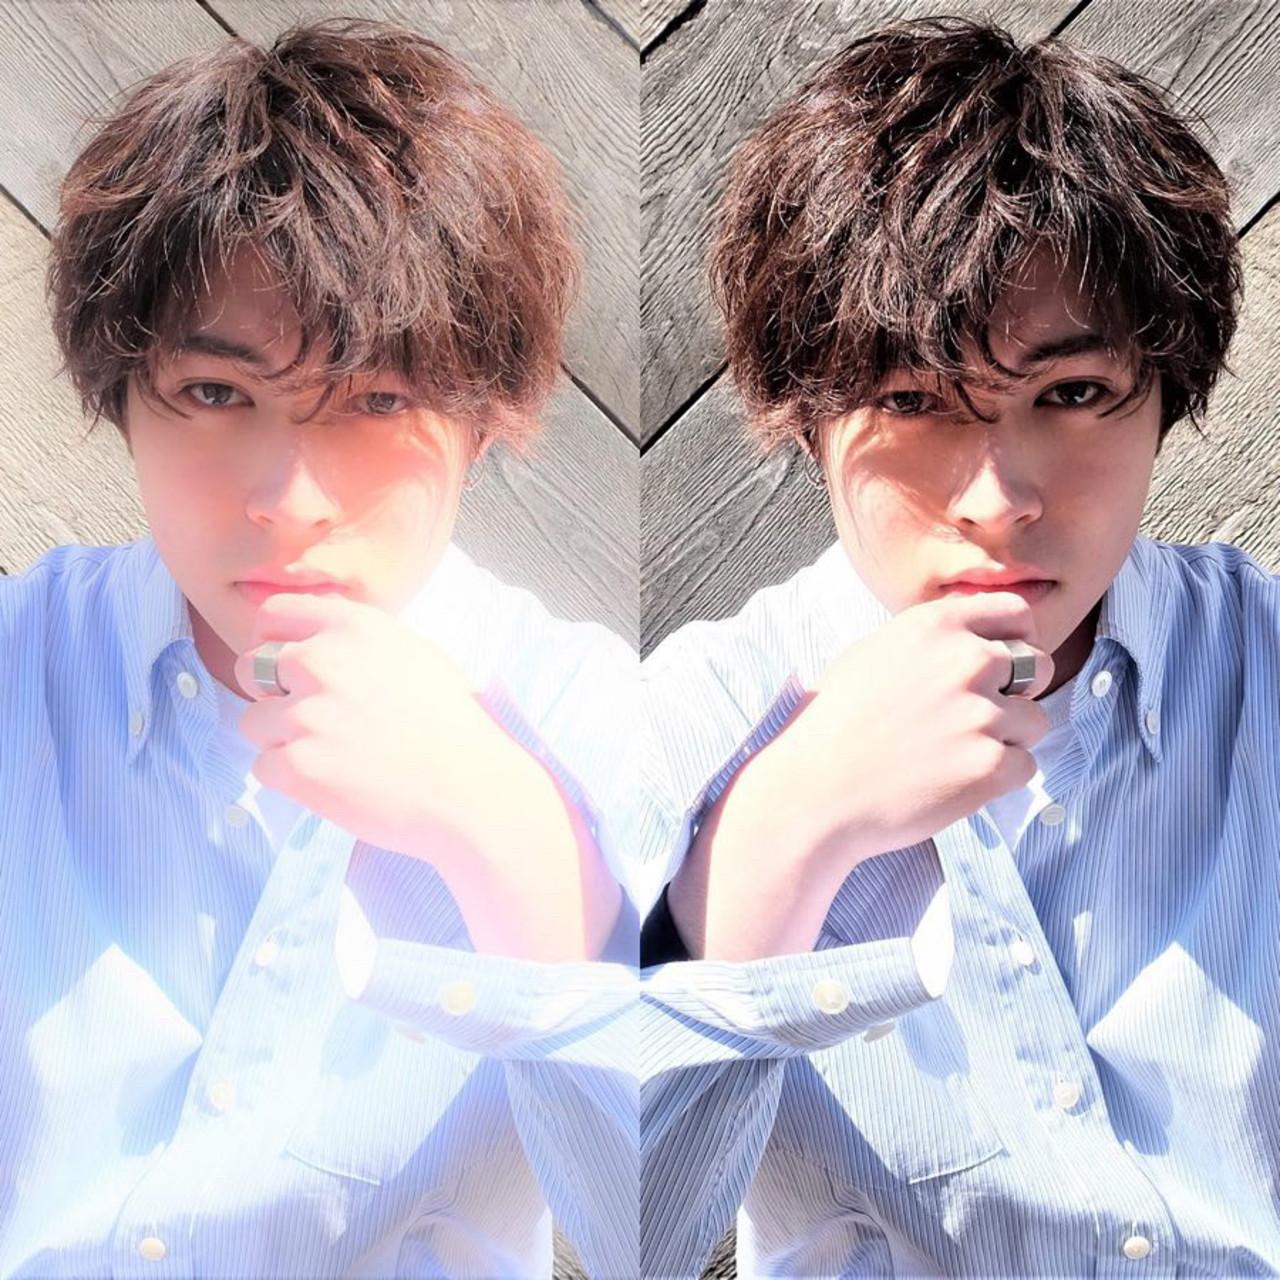 ミディアム ナチュラル メンズパーマ メンズスタイル ヘアスタイルや髪型の写真・画像